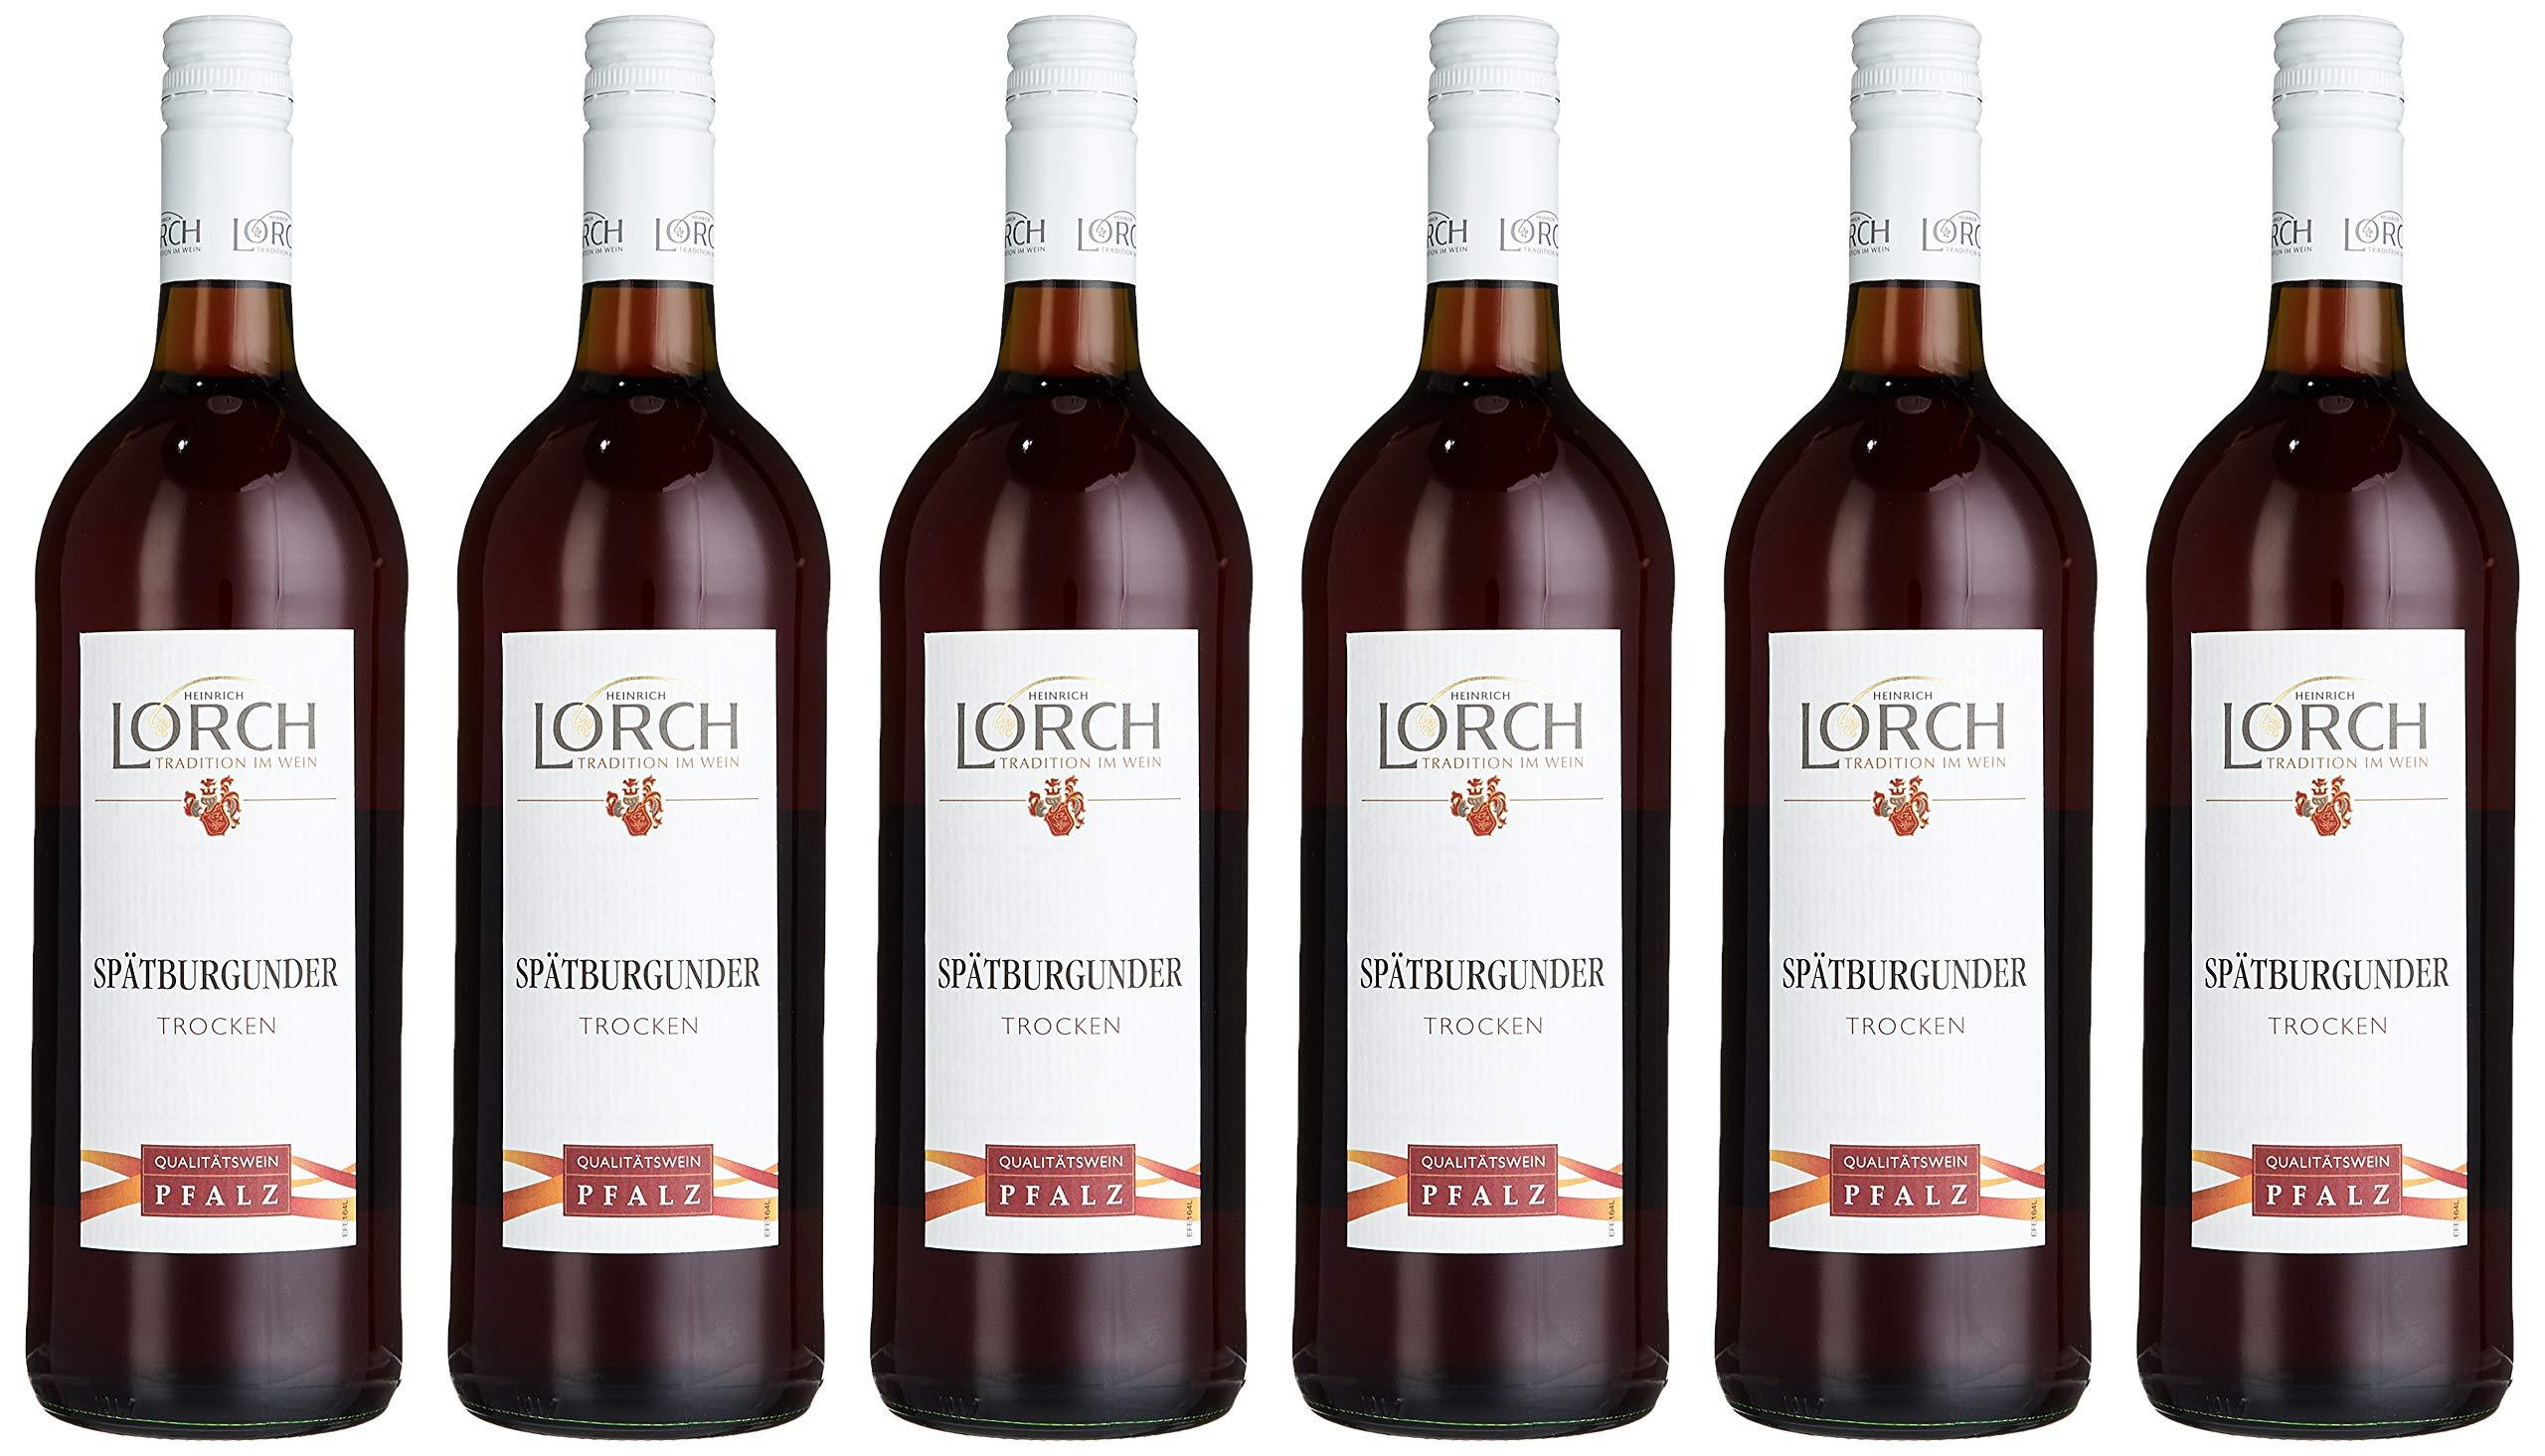 Lorch-Sptburgunder-Trocken-2016-6-x-10-l